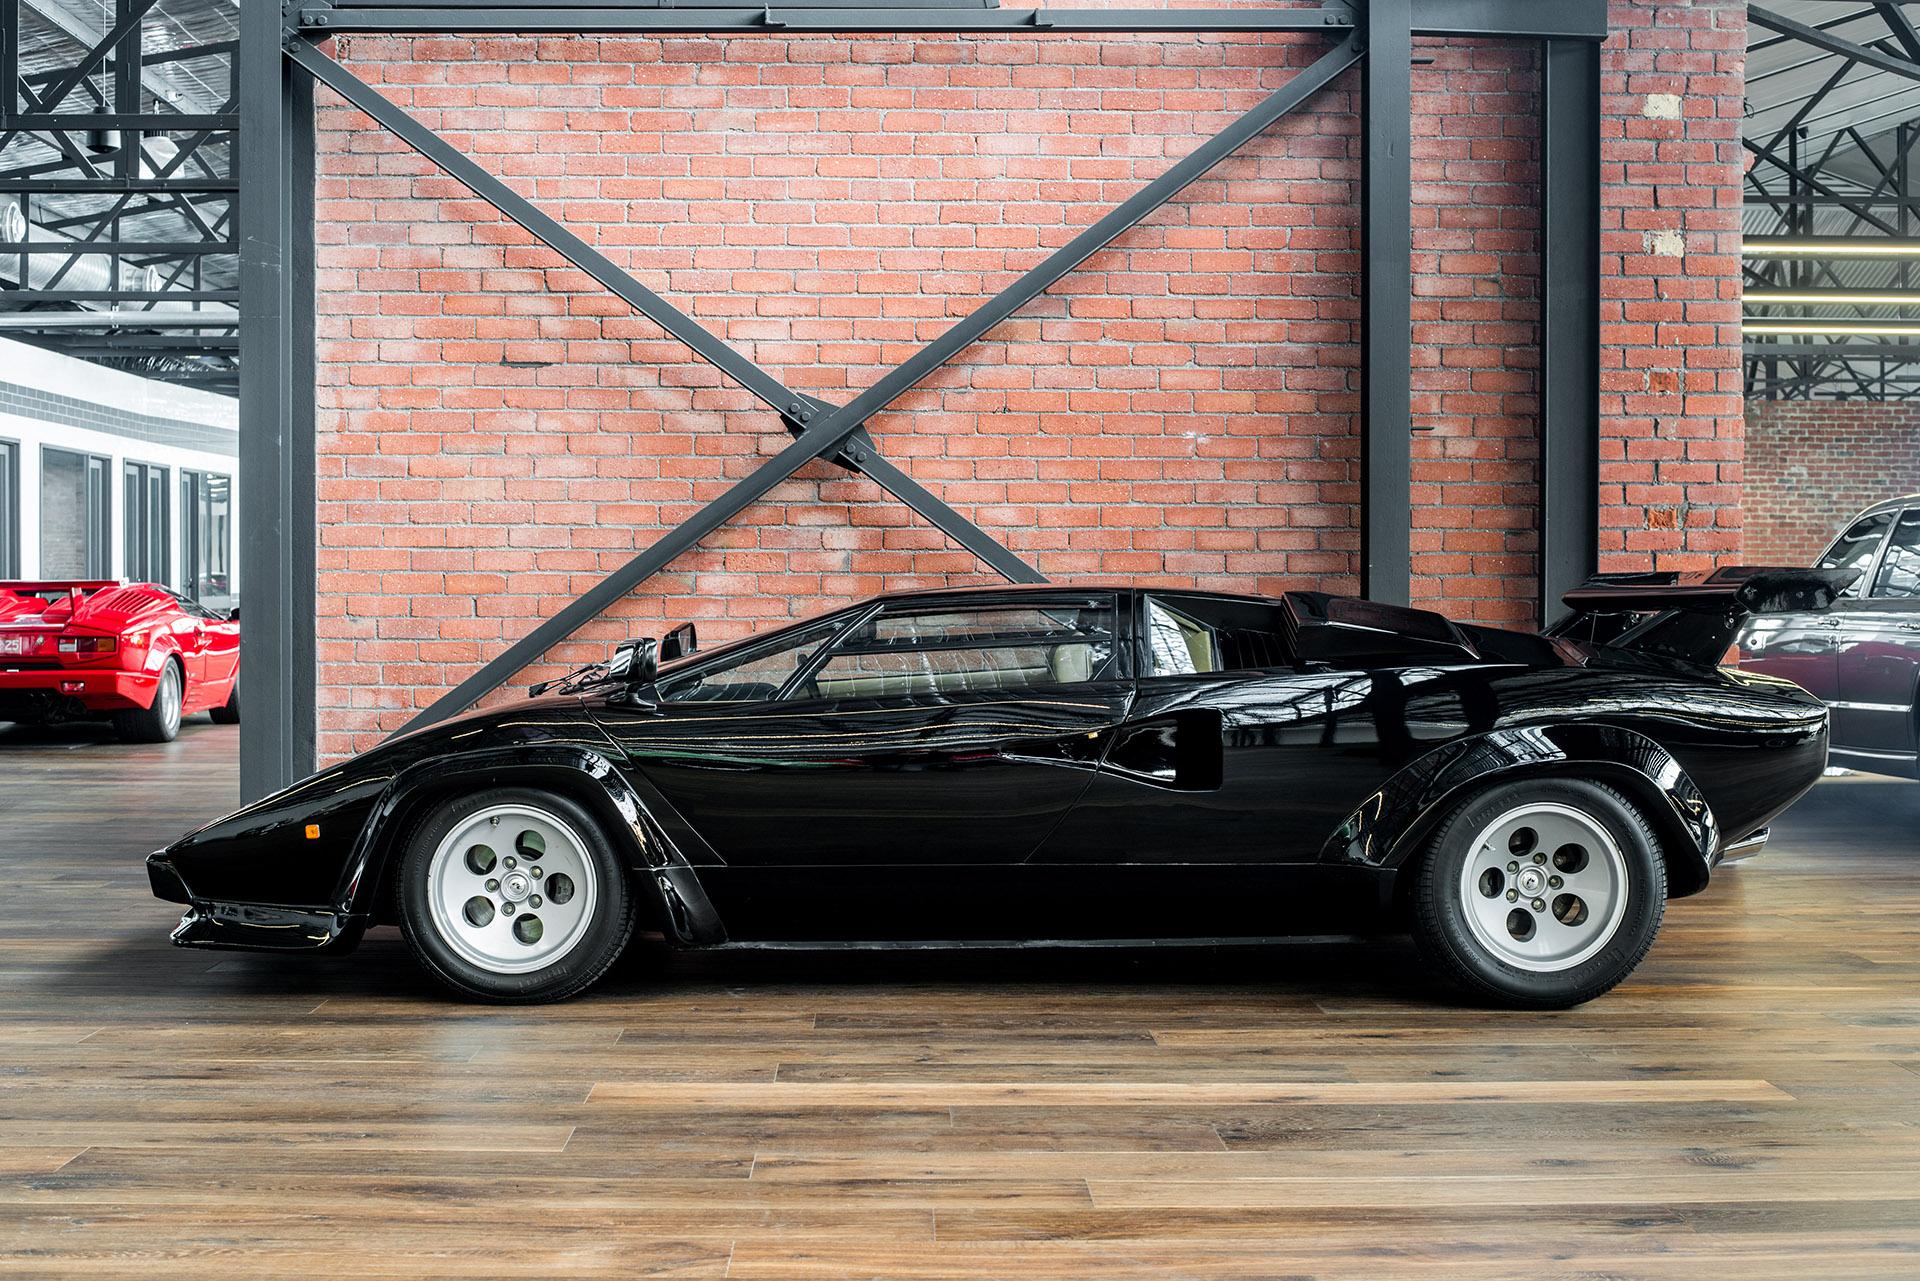 1980 Lamborghini Countach Lp400s Richmonds Classic And Prestige Cars Storage And Sales